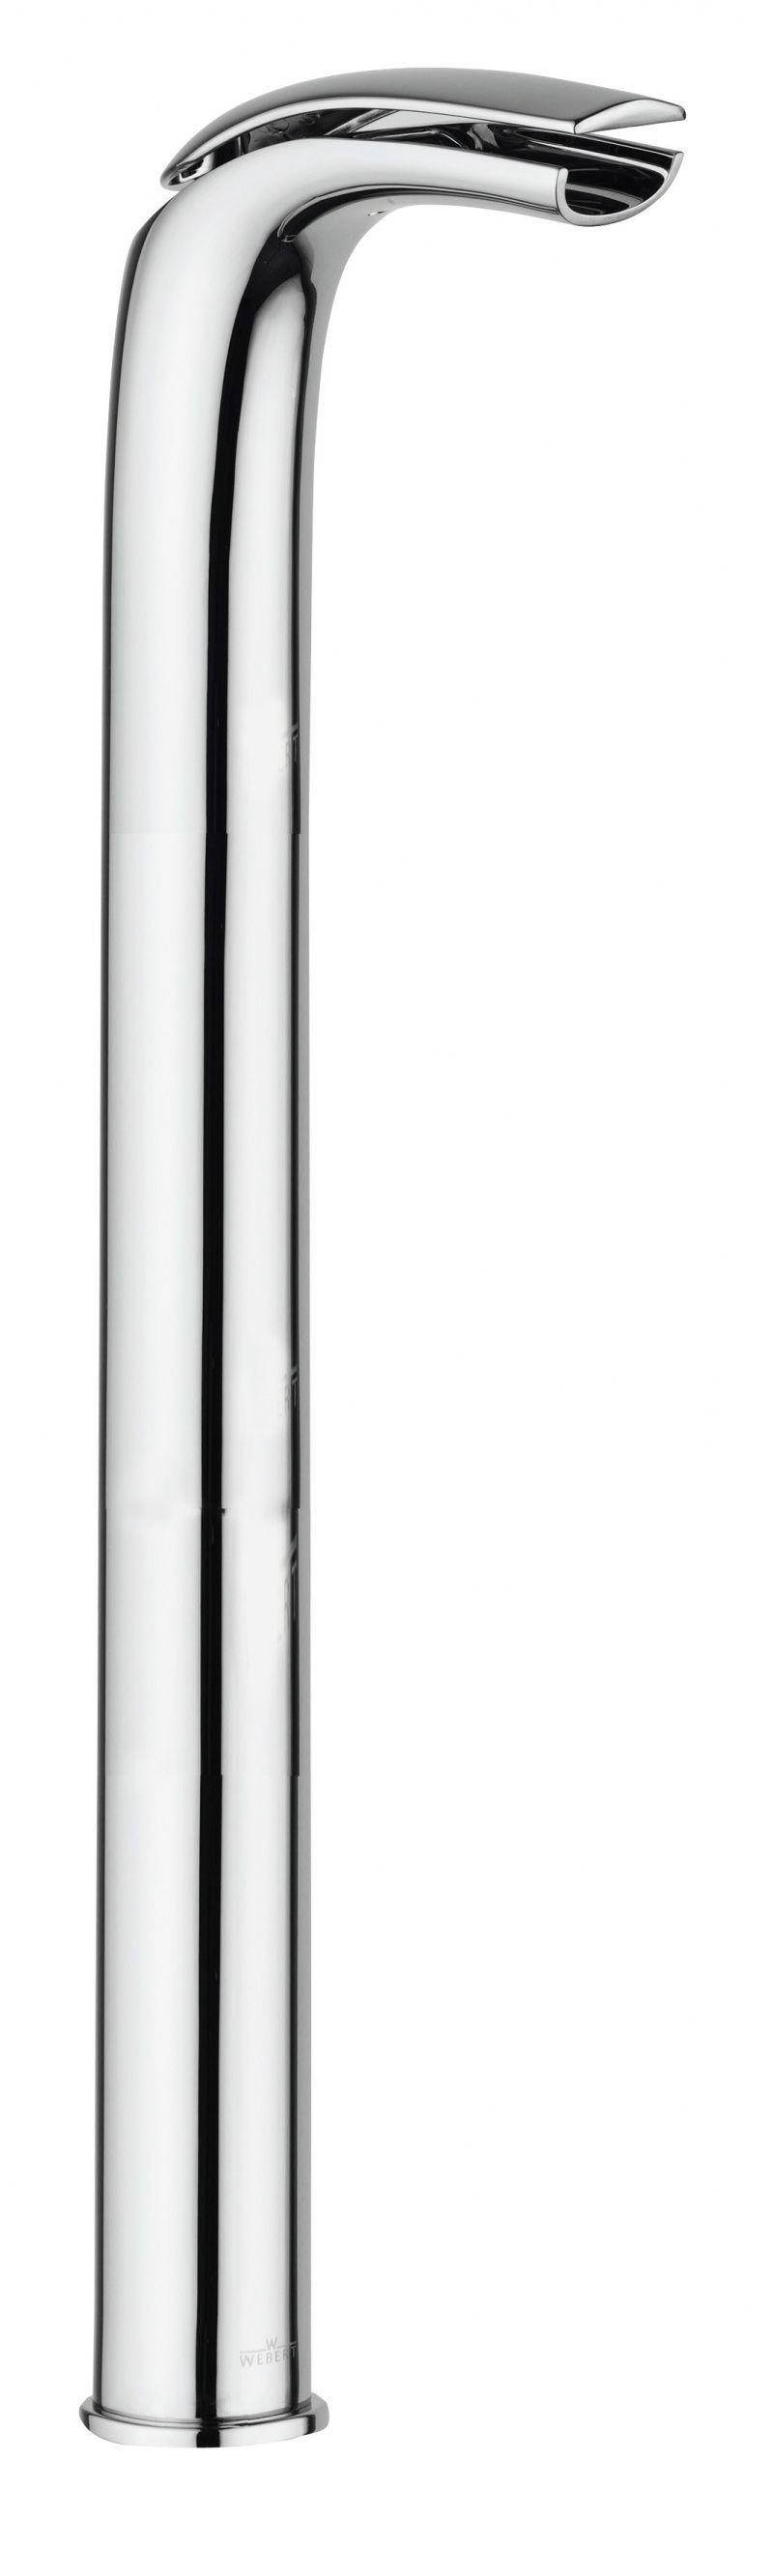 картинка Смеситель напольный Webert Aria AI832301 Белый глянцевый с ручкой Cacao